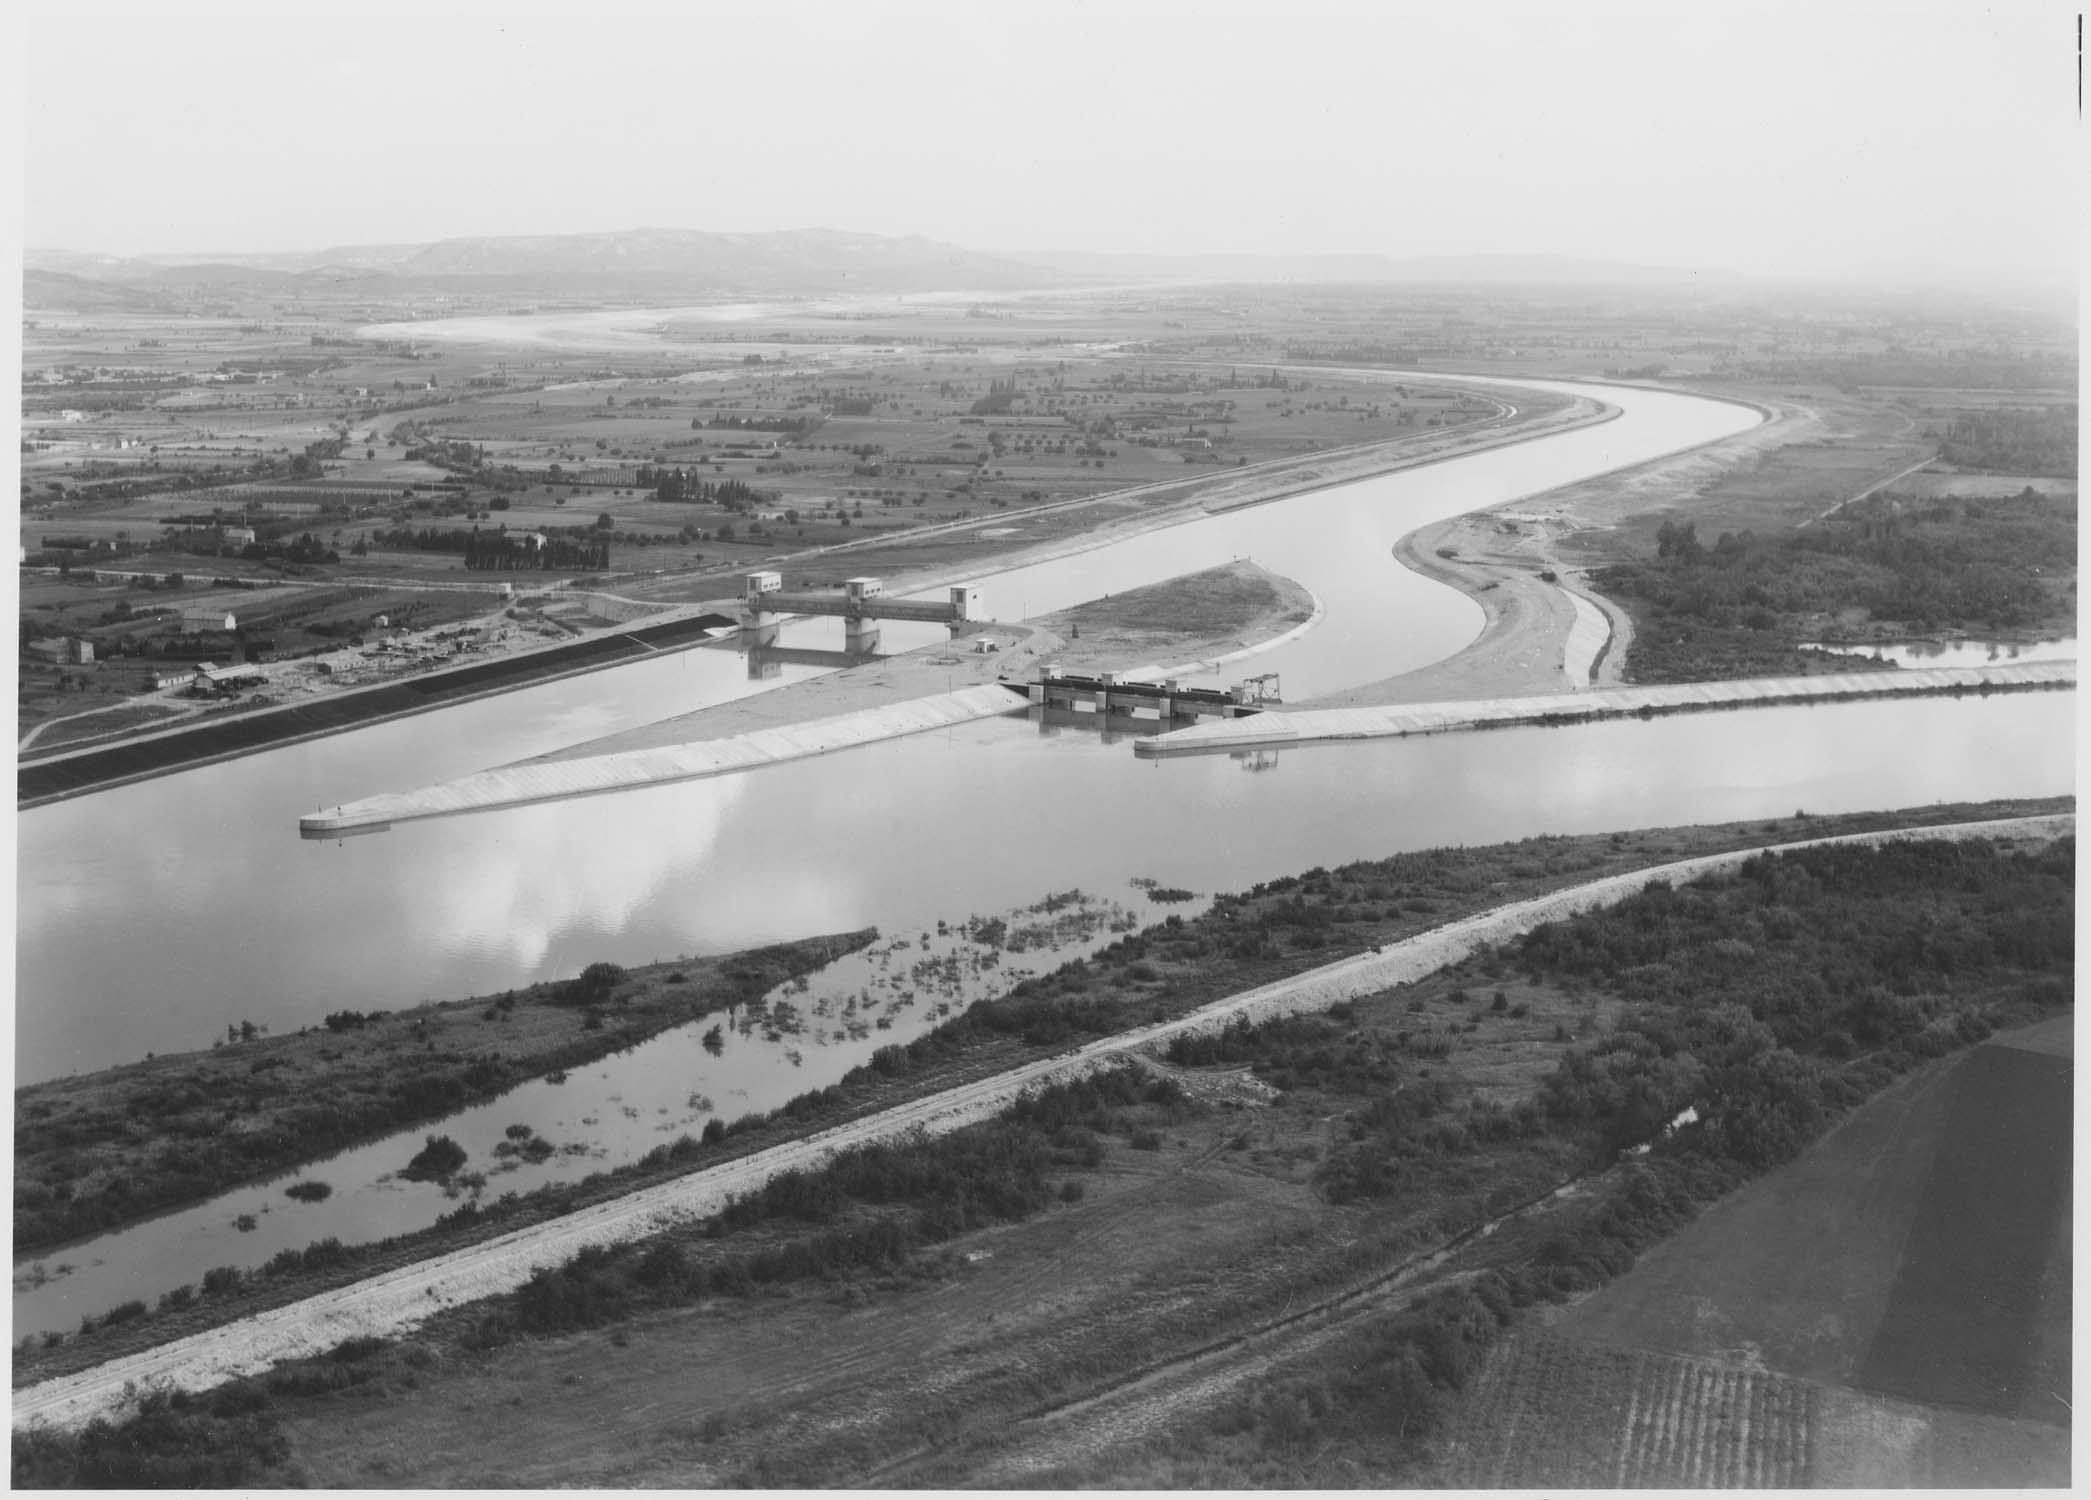 Barrage de Donzère-Mondragon